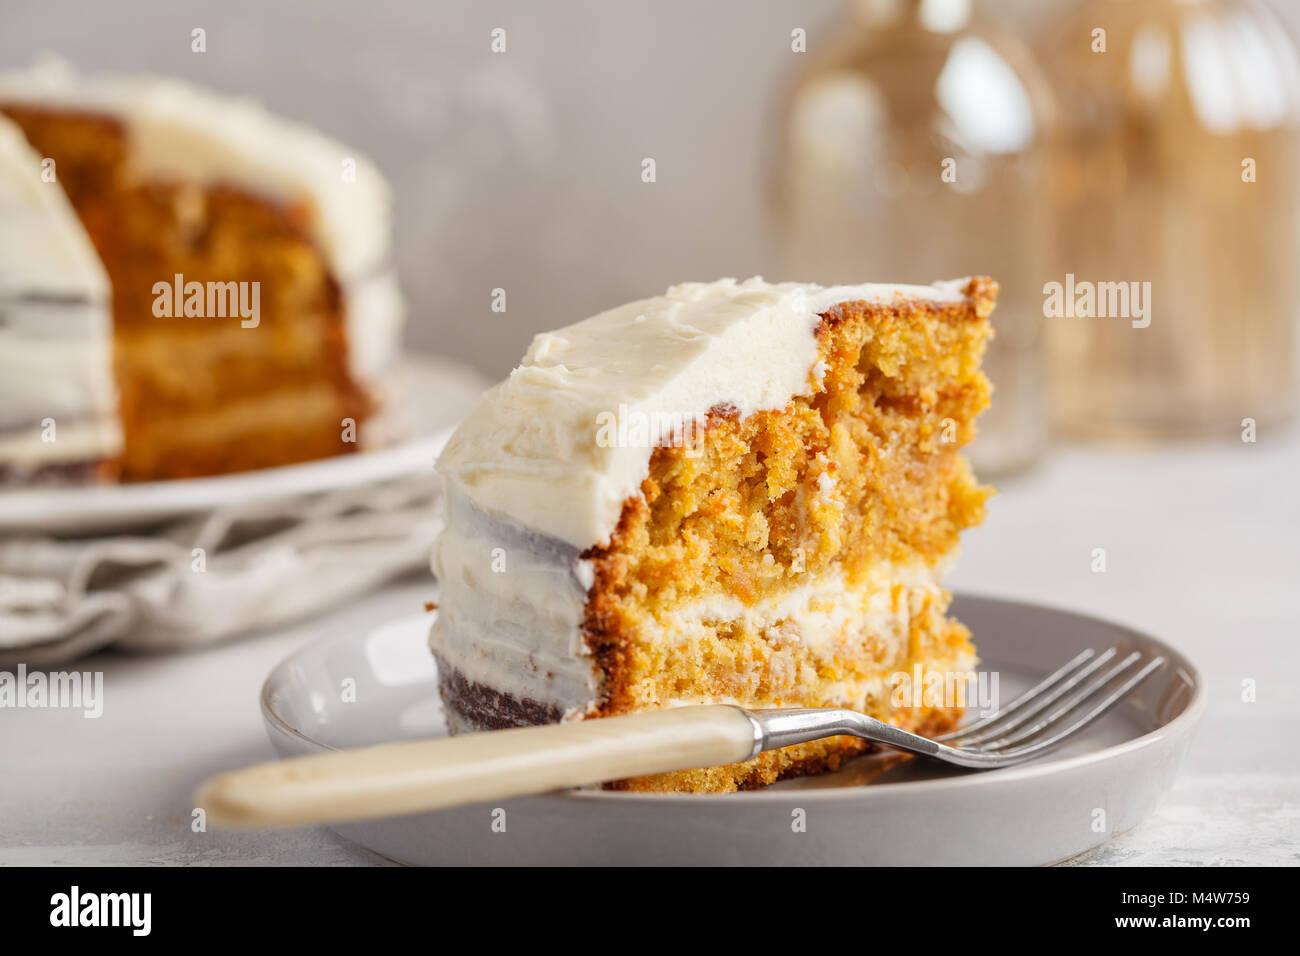 Karotte hausgemachte Kuchen mit Weiß Creme auf grauem Hintergrund. Festliches dessert Konzept. Stockbild